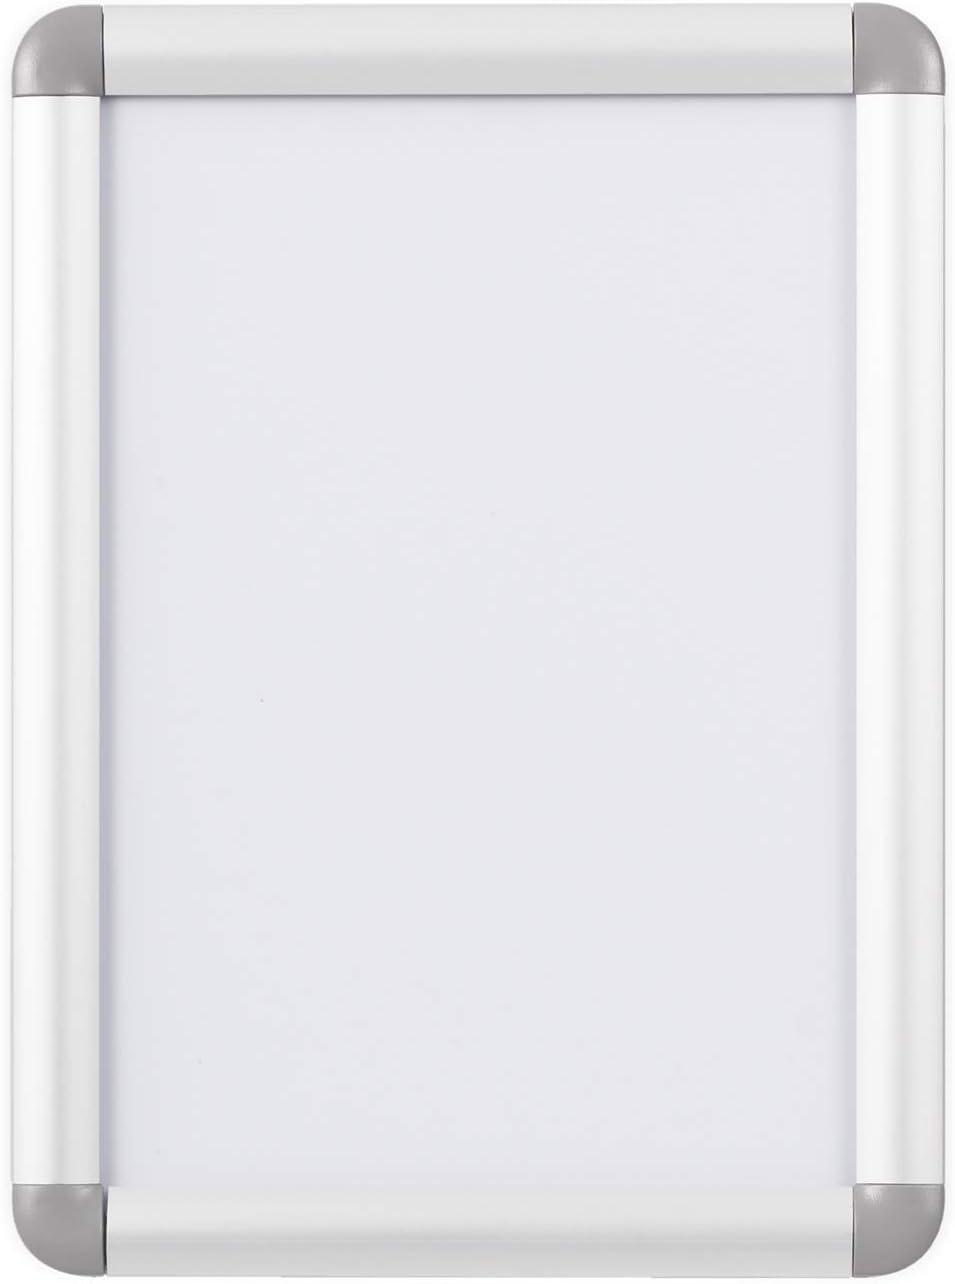 Bi-Office Curled - Marco expositor de aluminio rodeado, A4: Amazon.es: Oficina y papelería